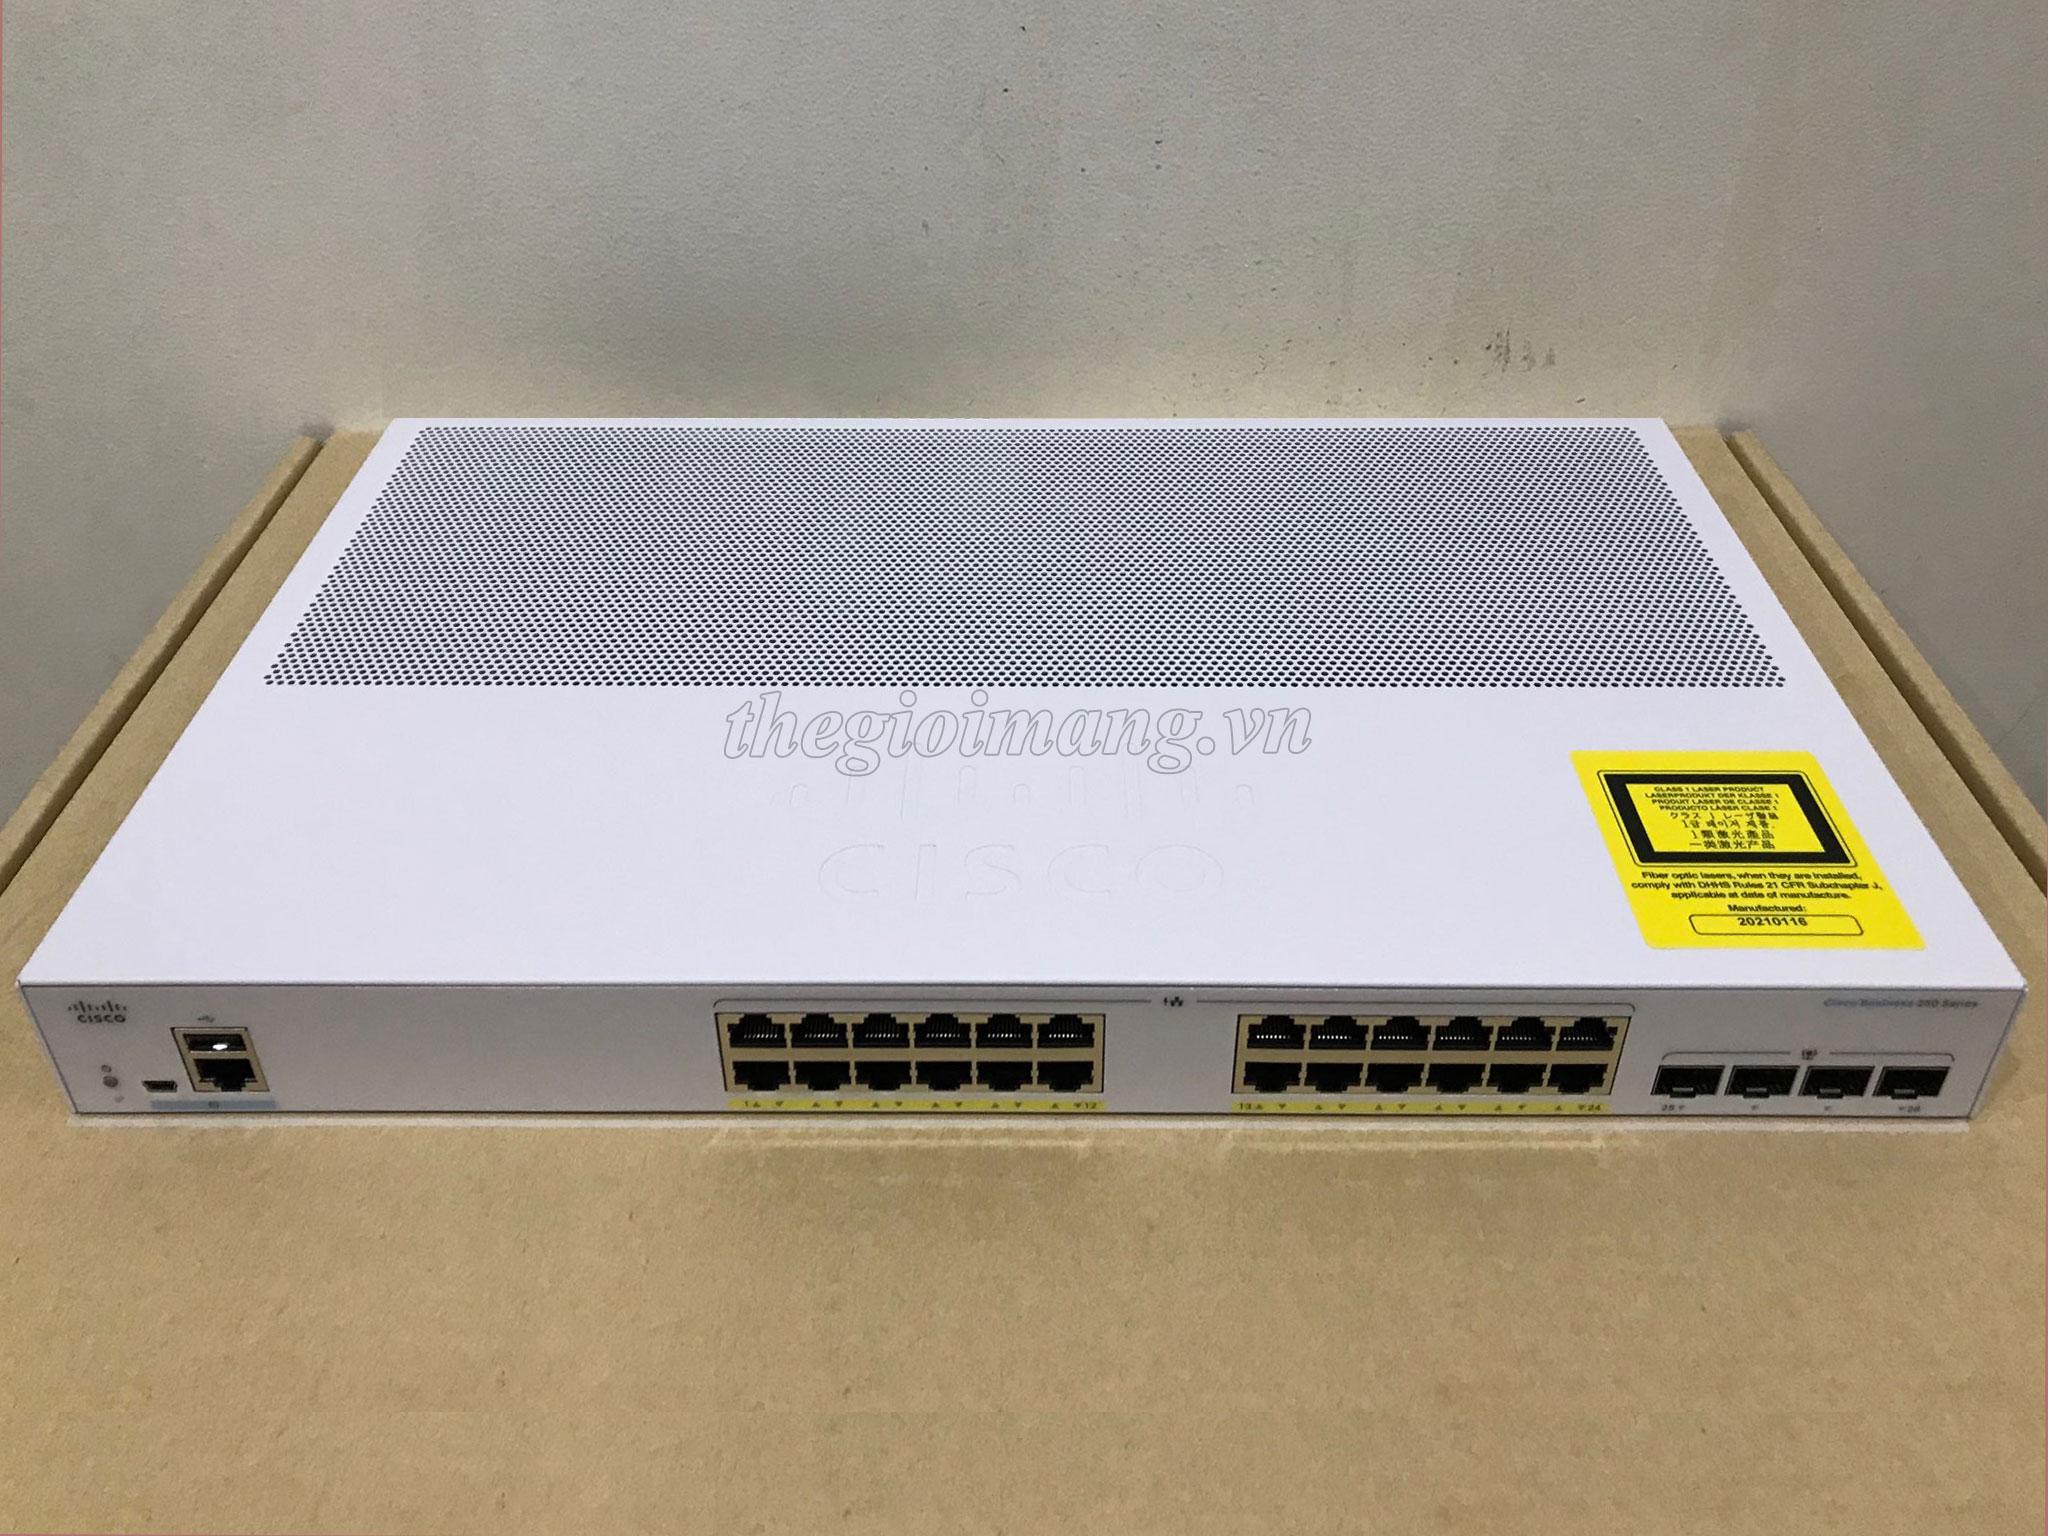 Cisco CBS250-24FP-4G-EU